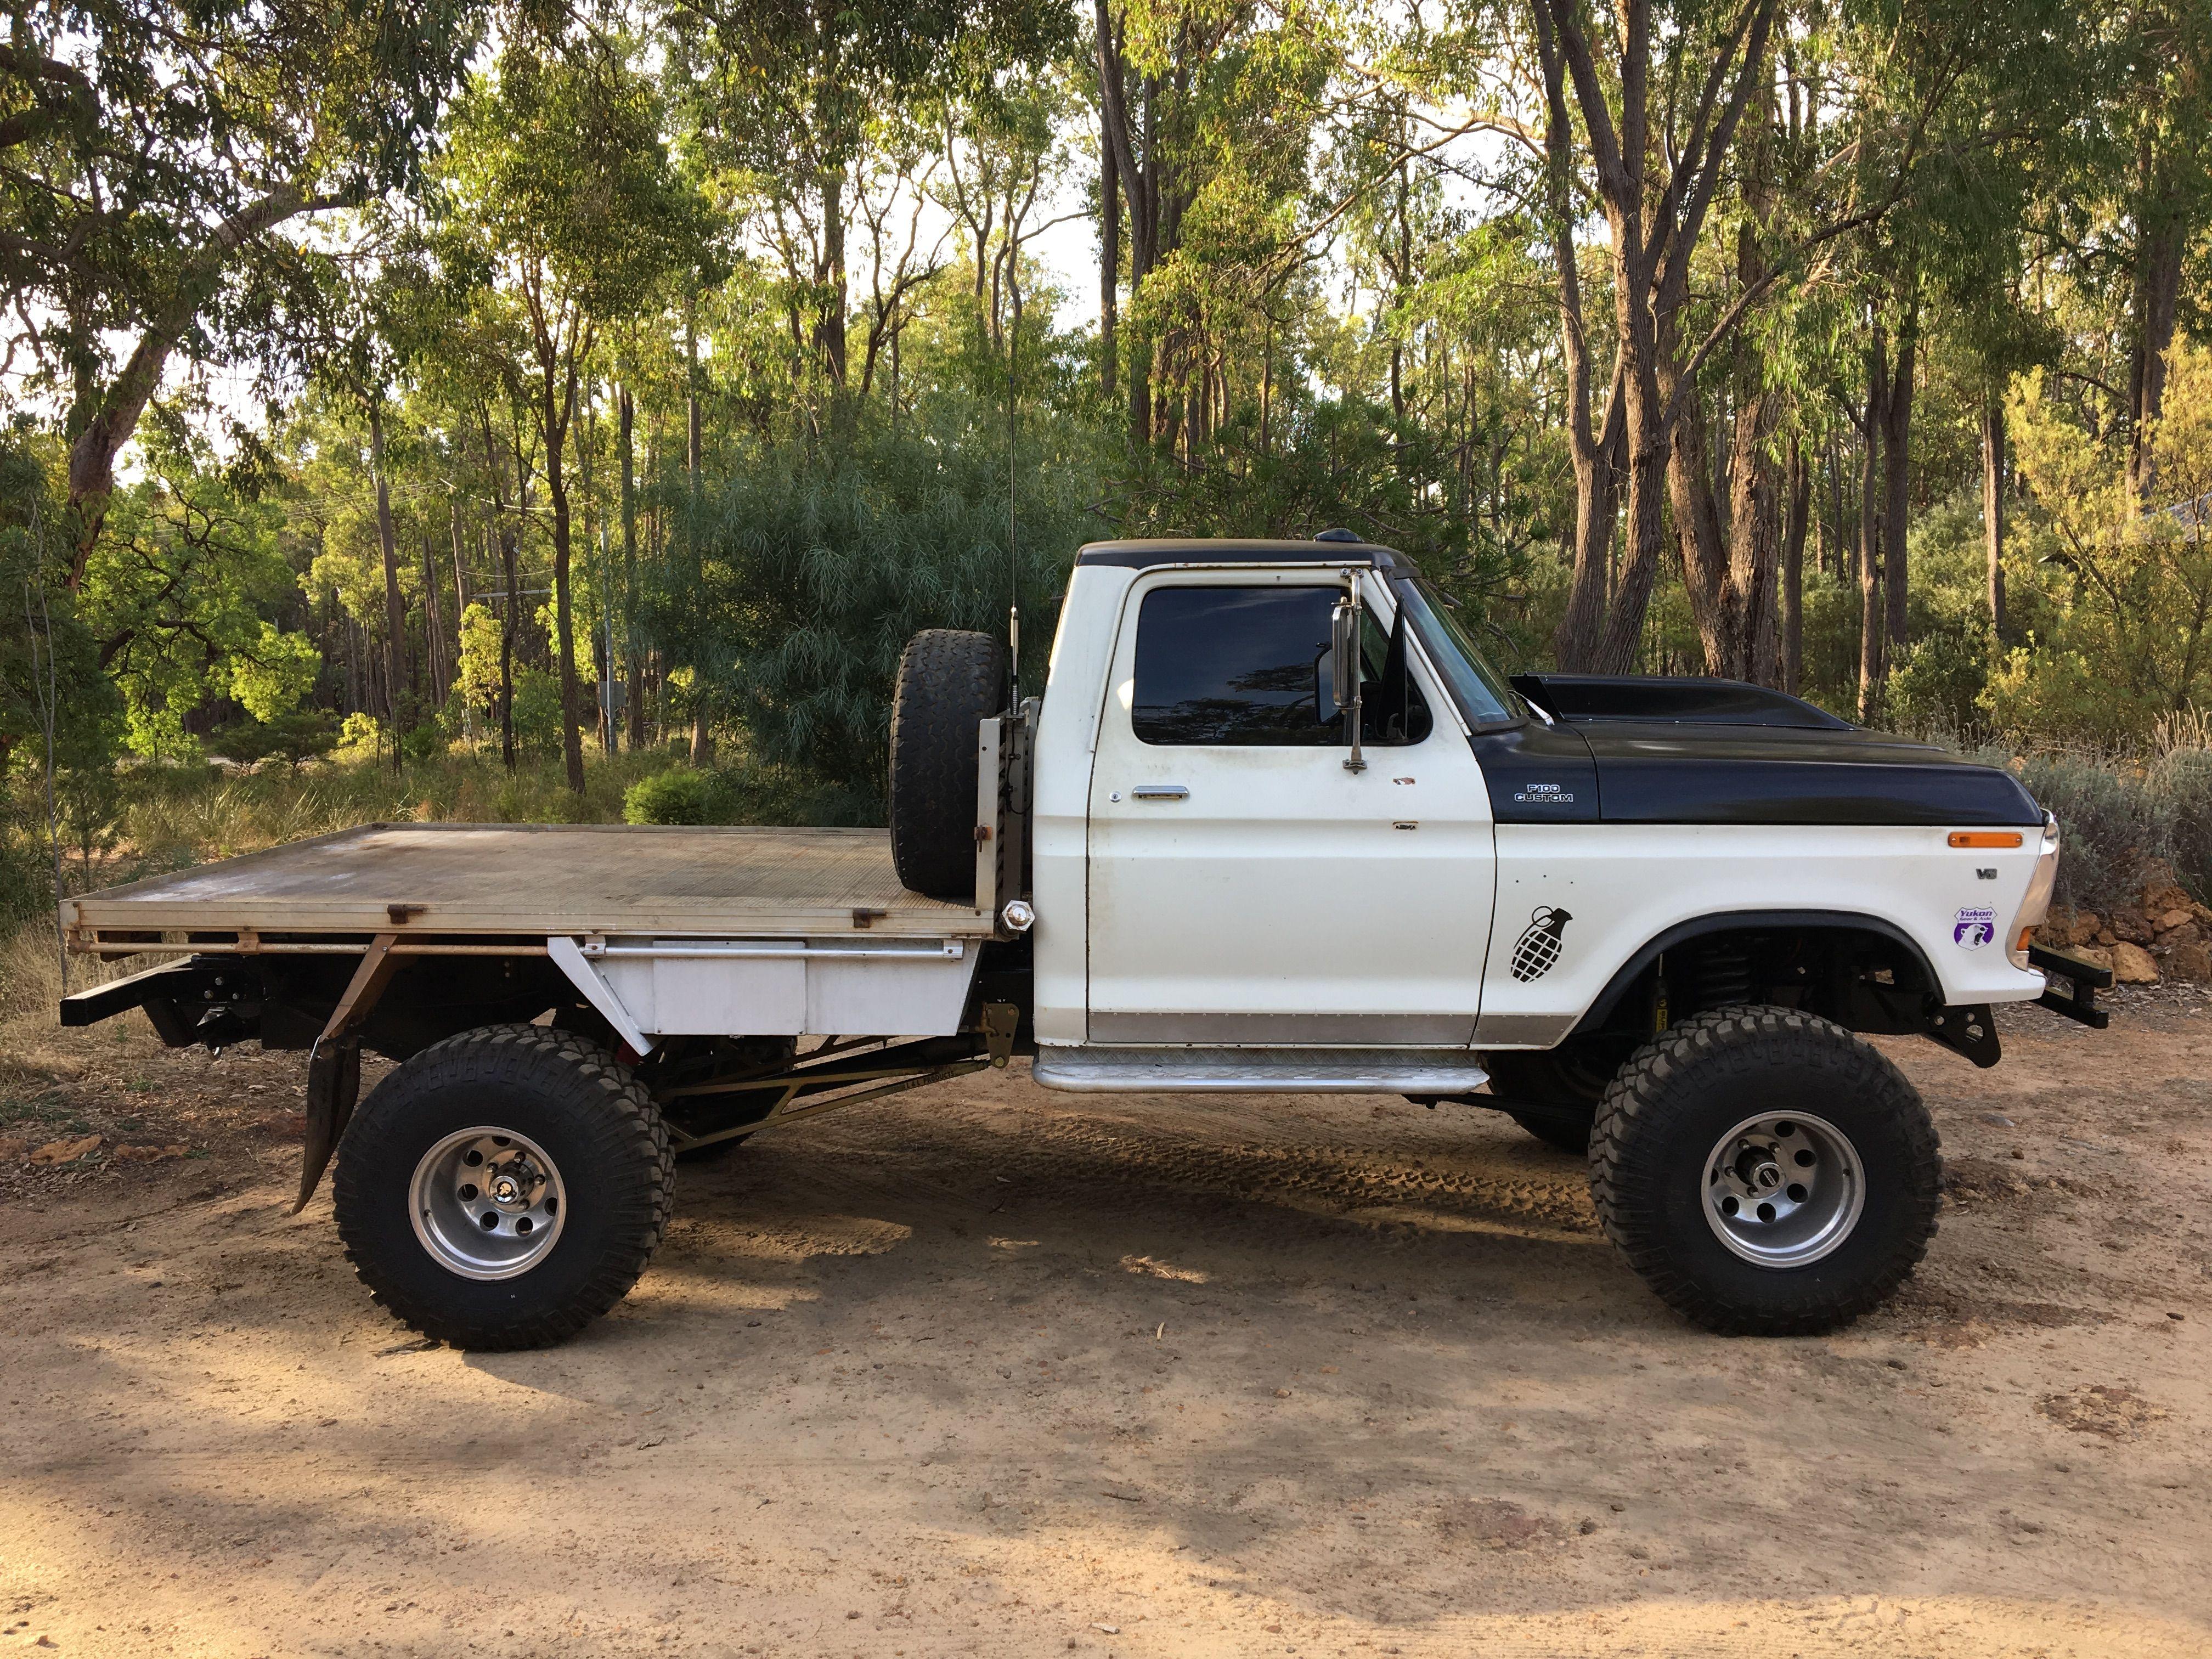 79 F100 4x4 Australia 302 Clevo Classic Ford Trucks Ford Trucks